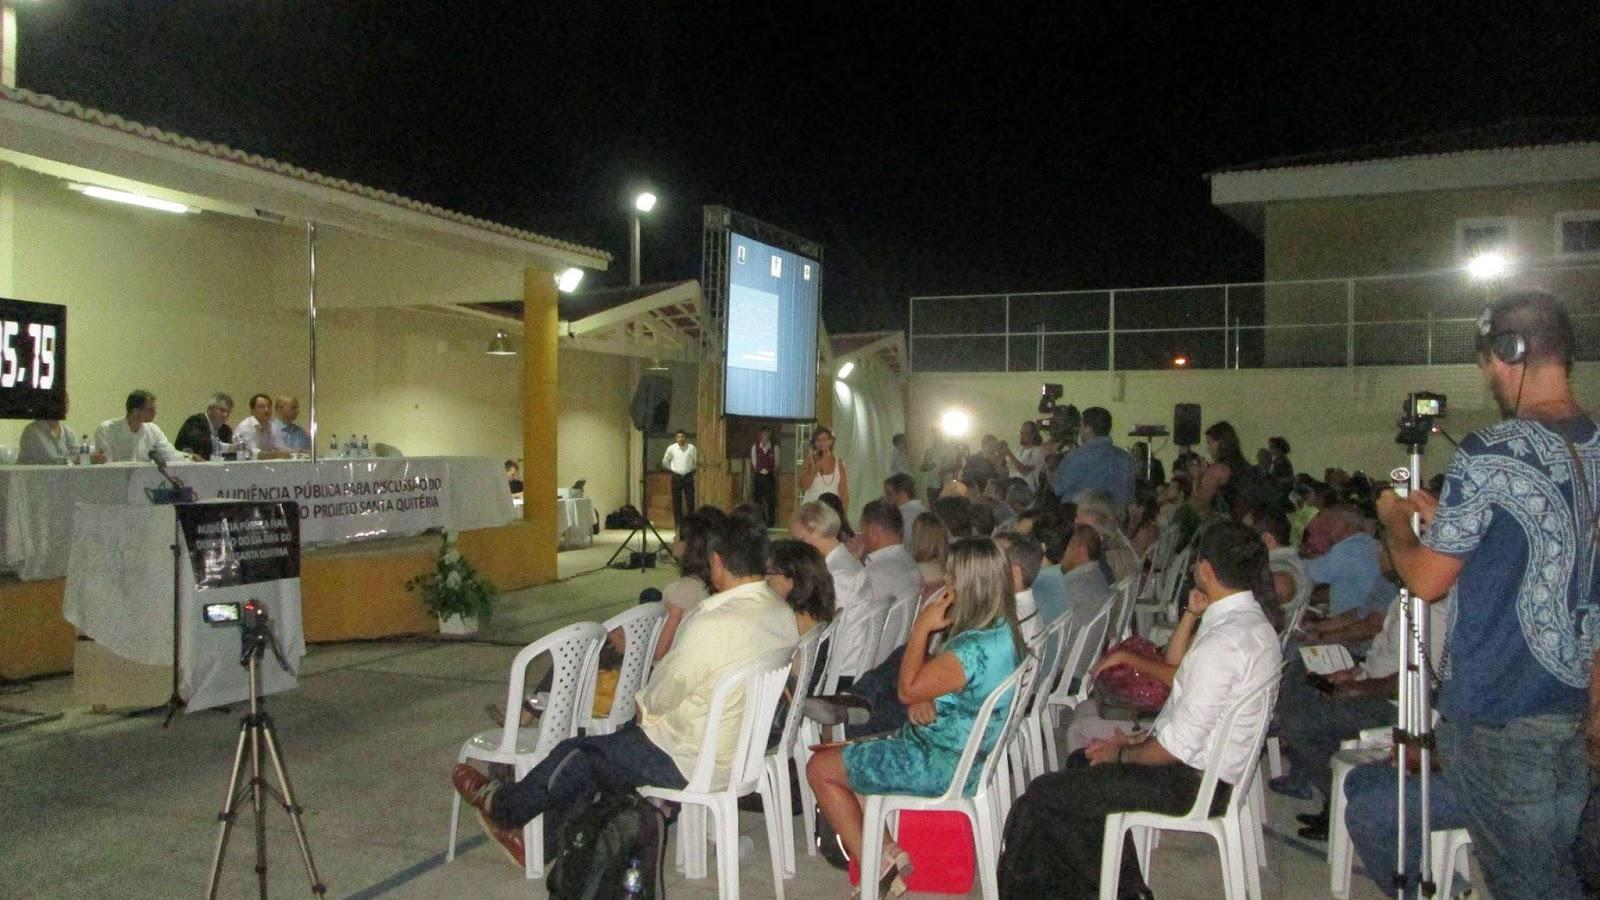 JUFRA marca presença na Audiência Projeto Santa Quitéria.